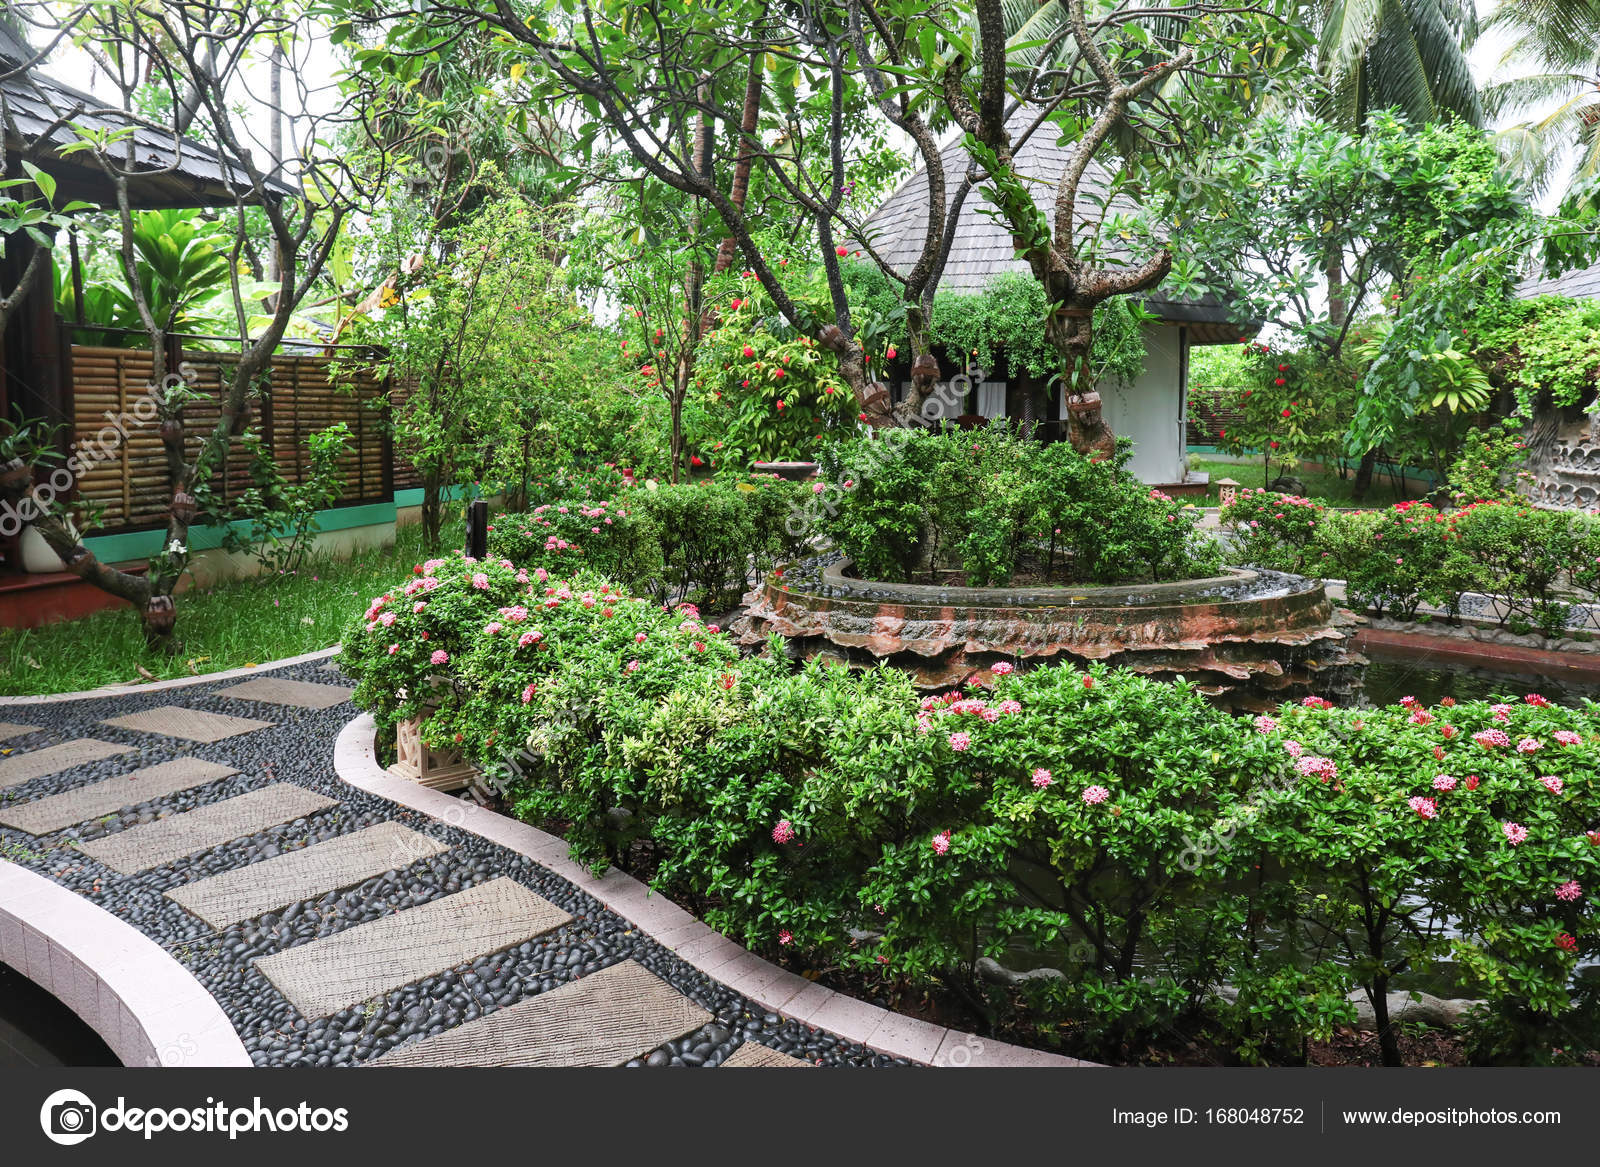 sch ner garten im tropischen resort stockfoto belchonock 168048752. Black Bedroom Furniture Sets. Home Design Ideas